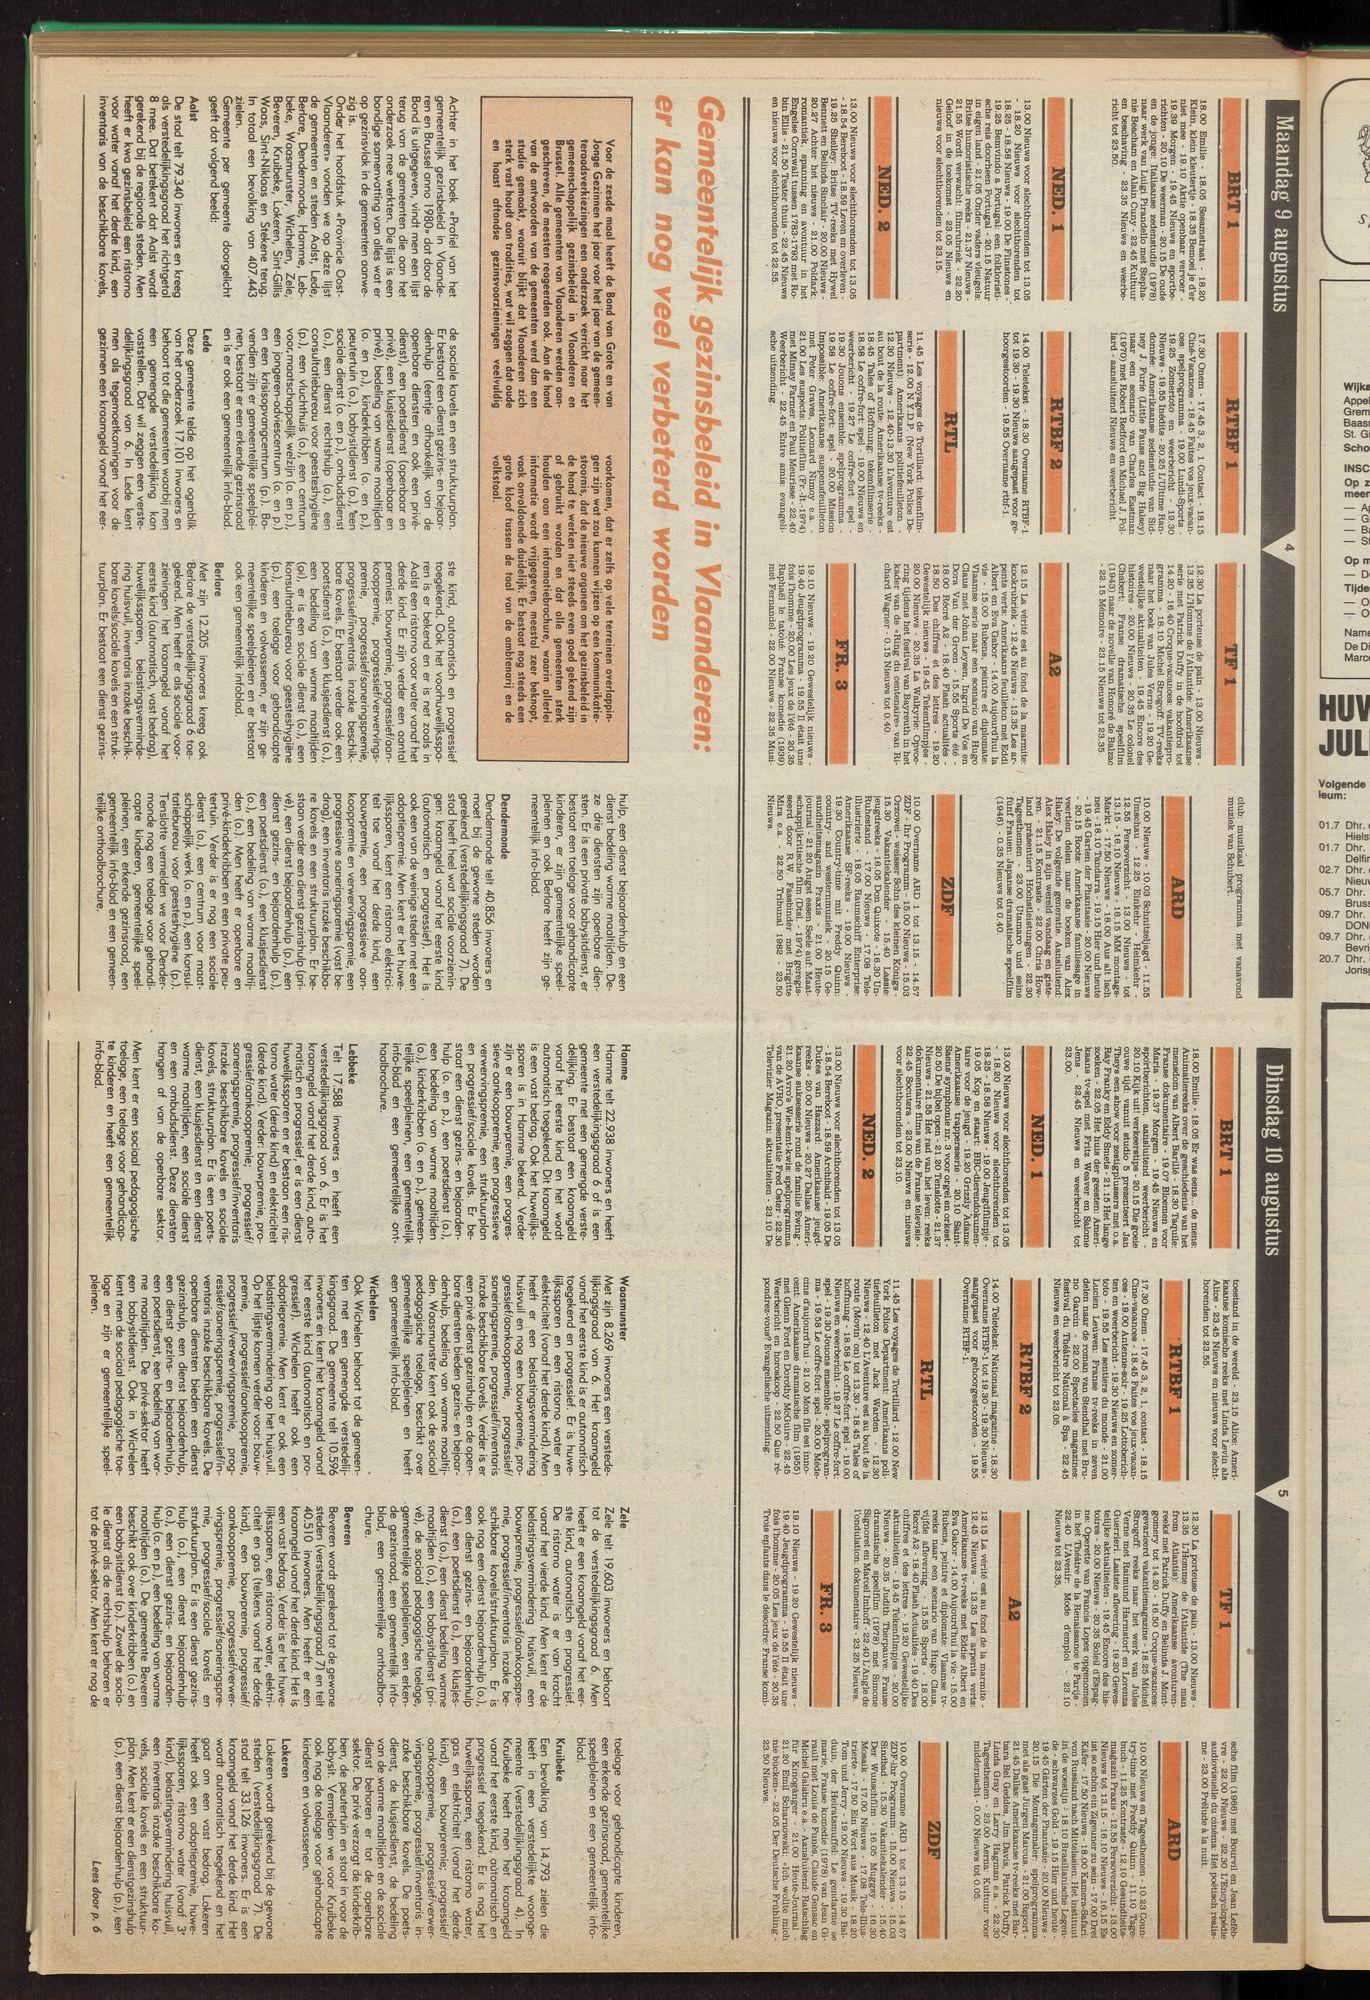 DE_VOORPOST 1982-08-06 p14